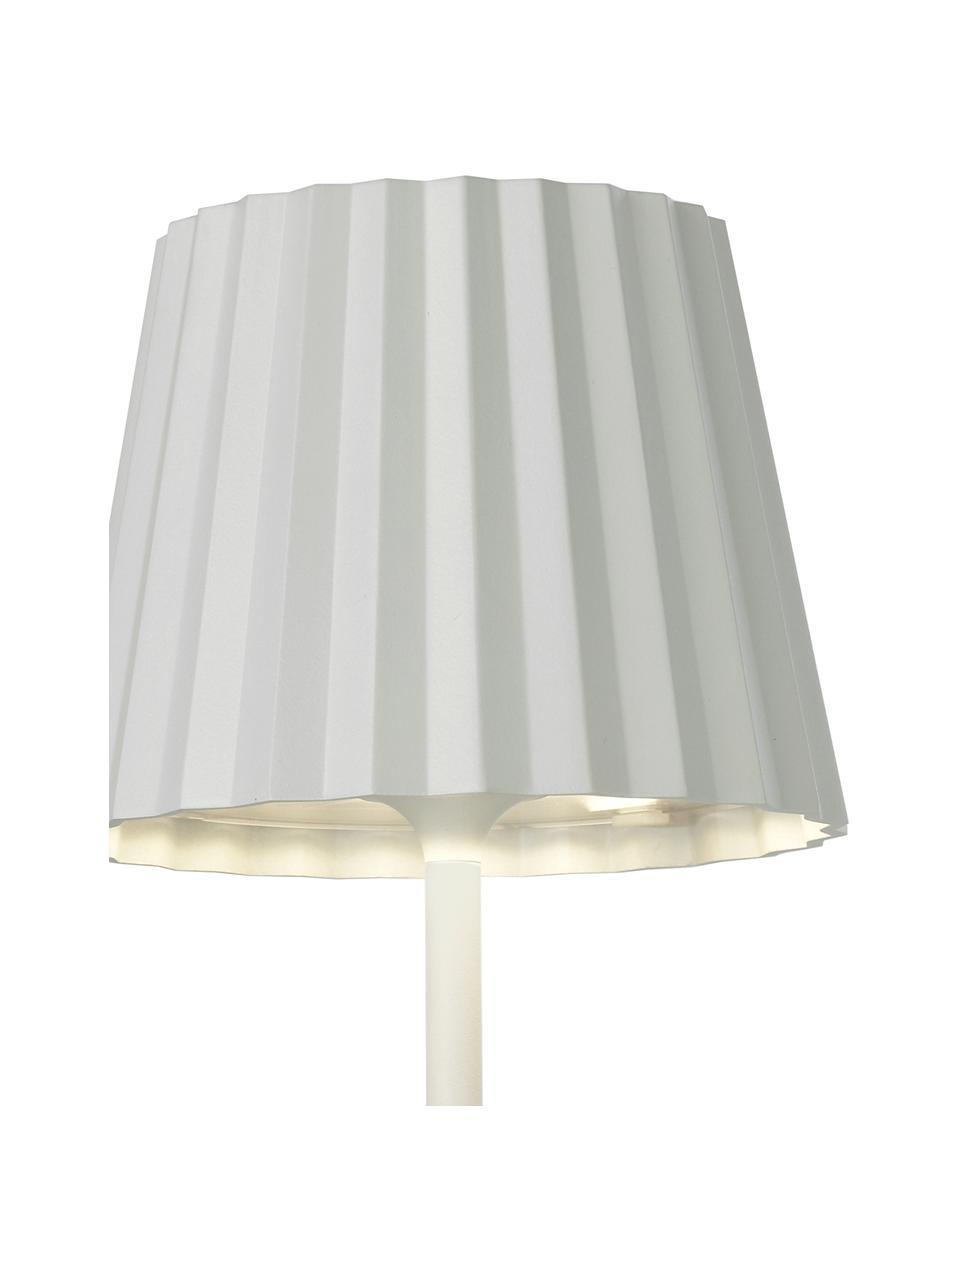 Lampada da tavolo dimmerabile da esterno Trellia, Paralume: alluminio verniciato, Base della lampada: alluminio verniciato, Bianco, Ø 15 x Alt. 38 cm